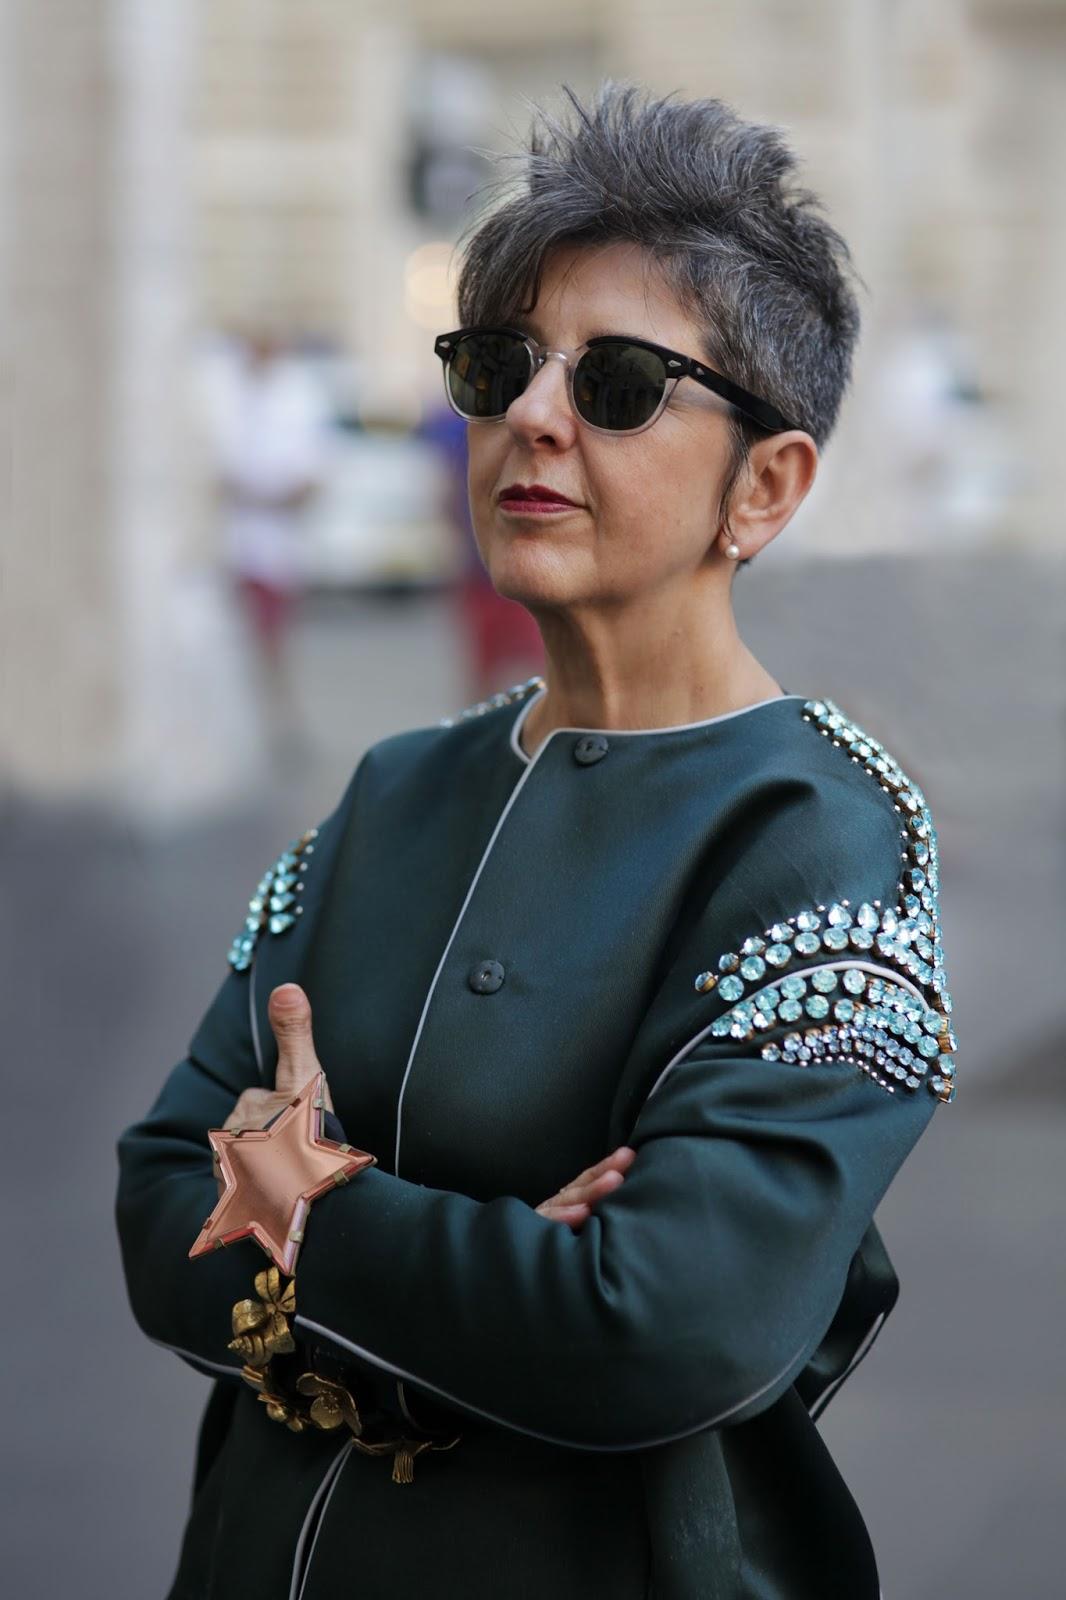 fashion curator critic and educator maria luisa frisa